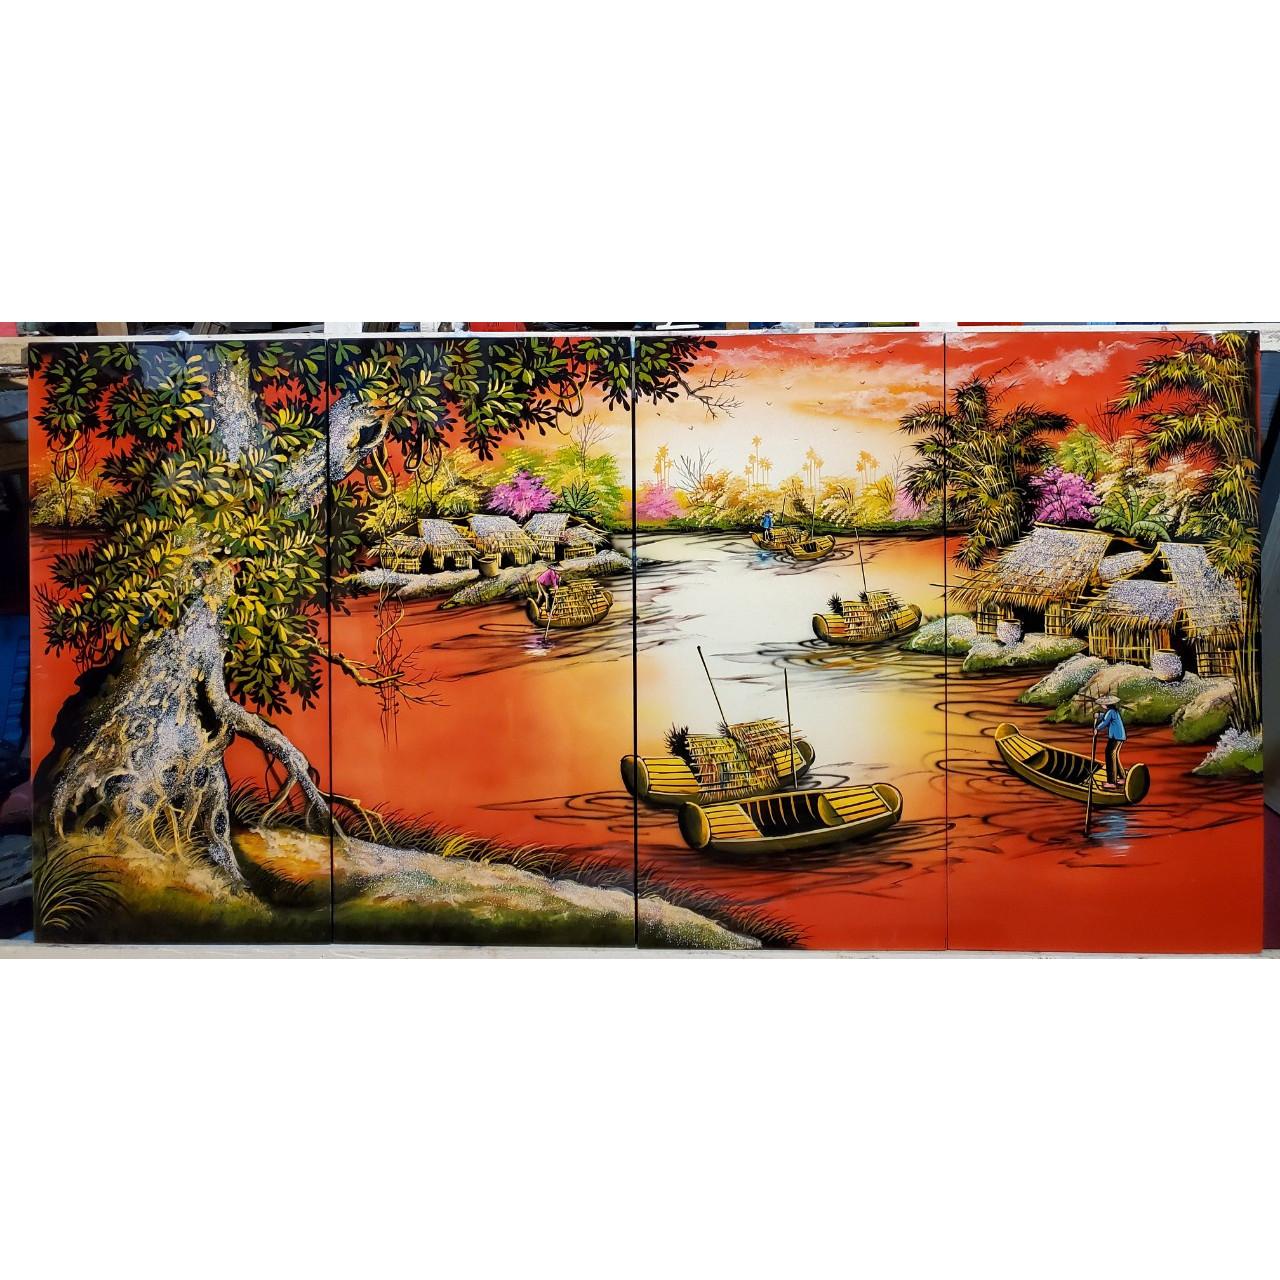 Tranh sơn mài vẽ - Phong Cảnh Quê Hương Thanh Bình